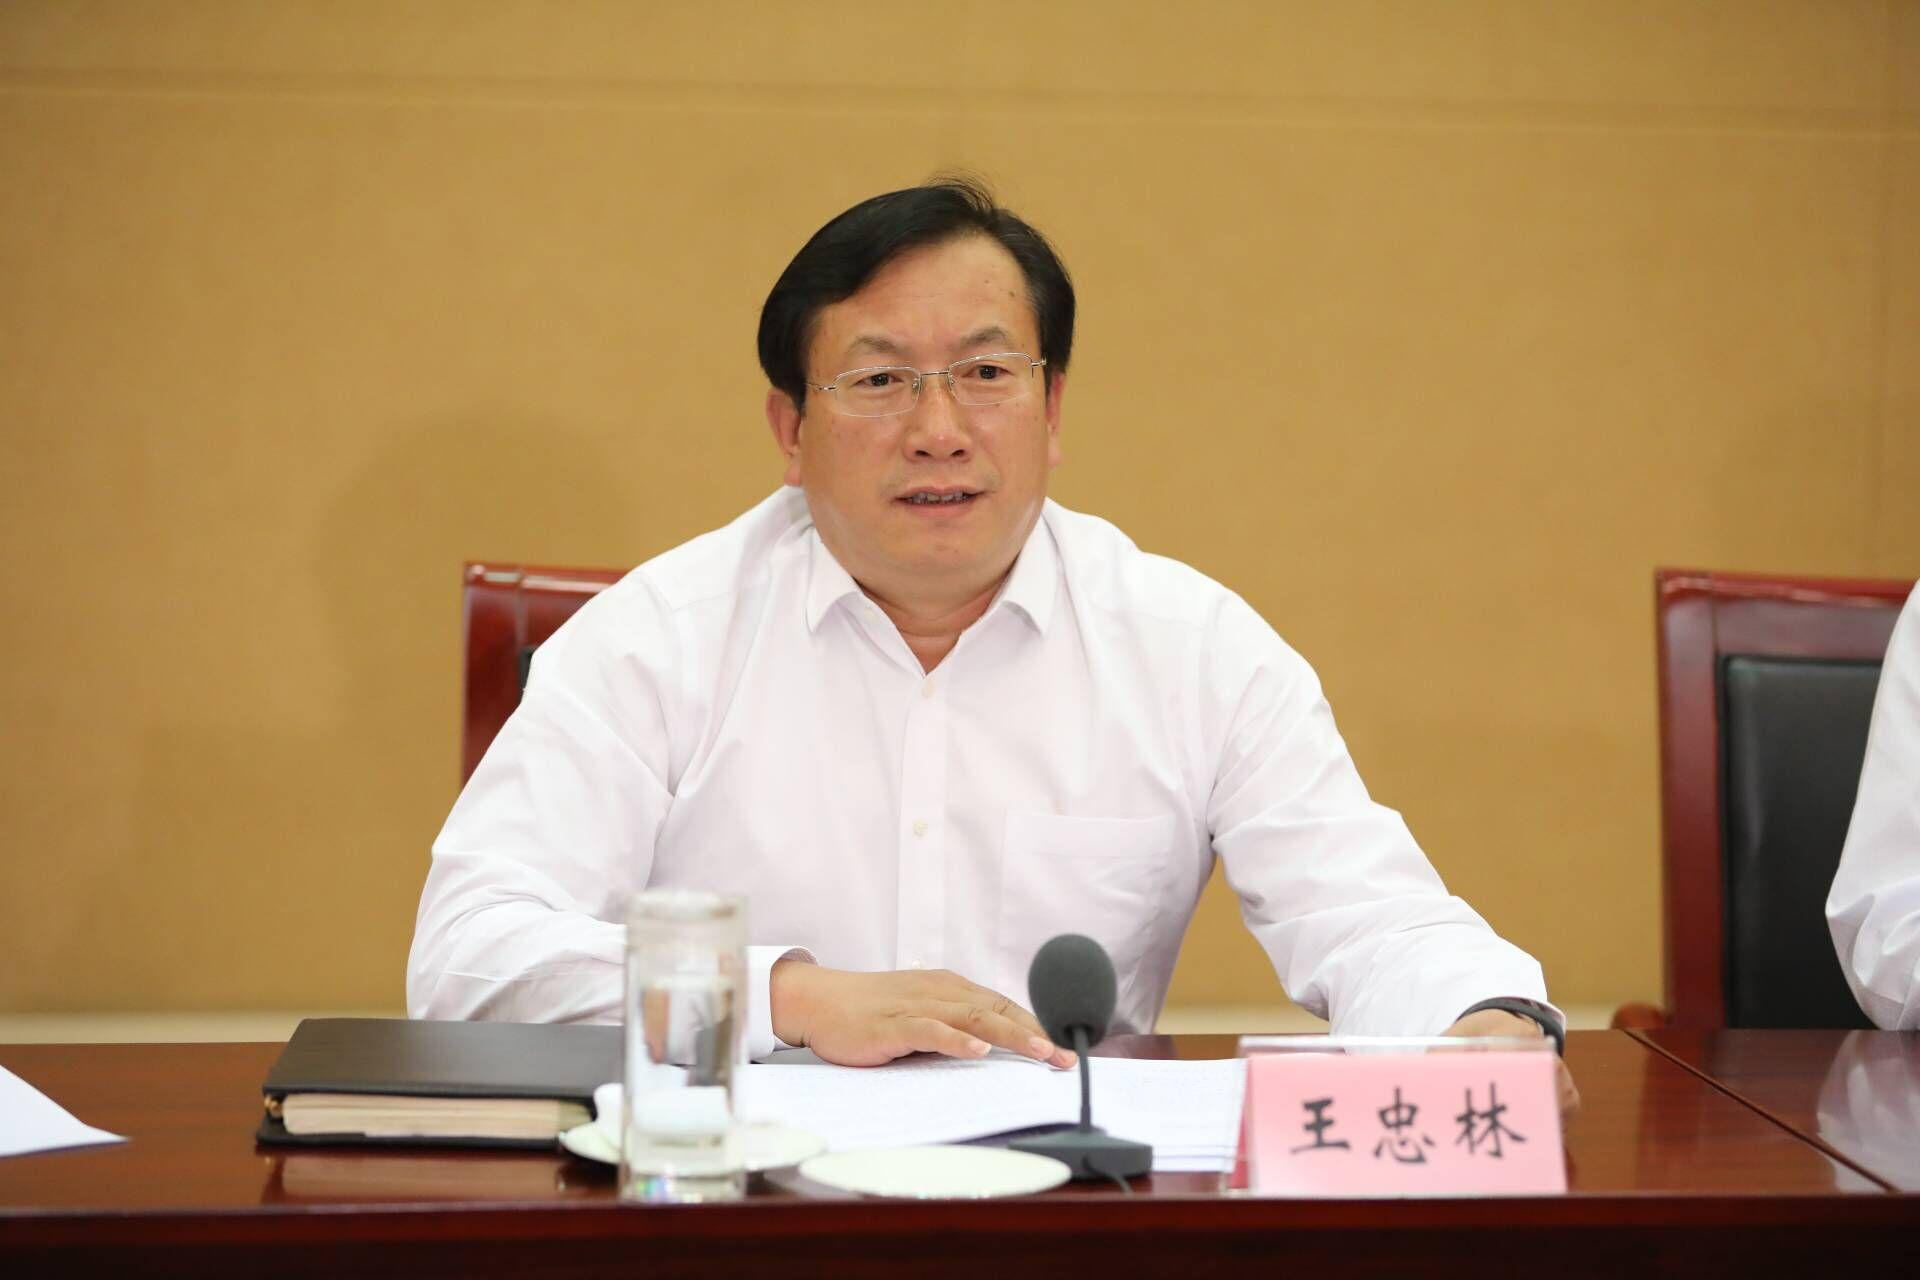 王忠林在营商环境座谈会上强调 痛下决心狠抓营商环境提升